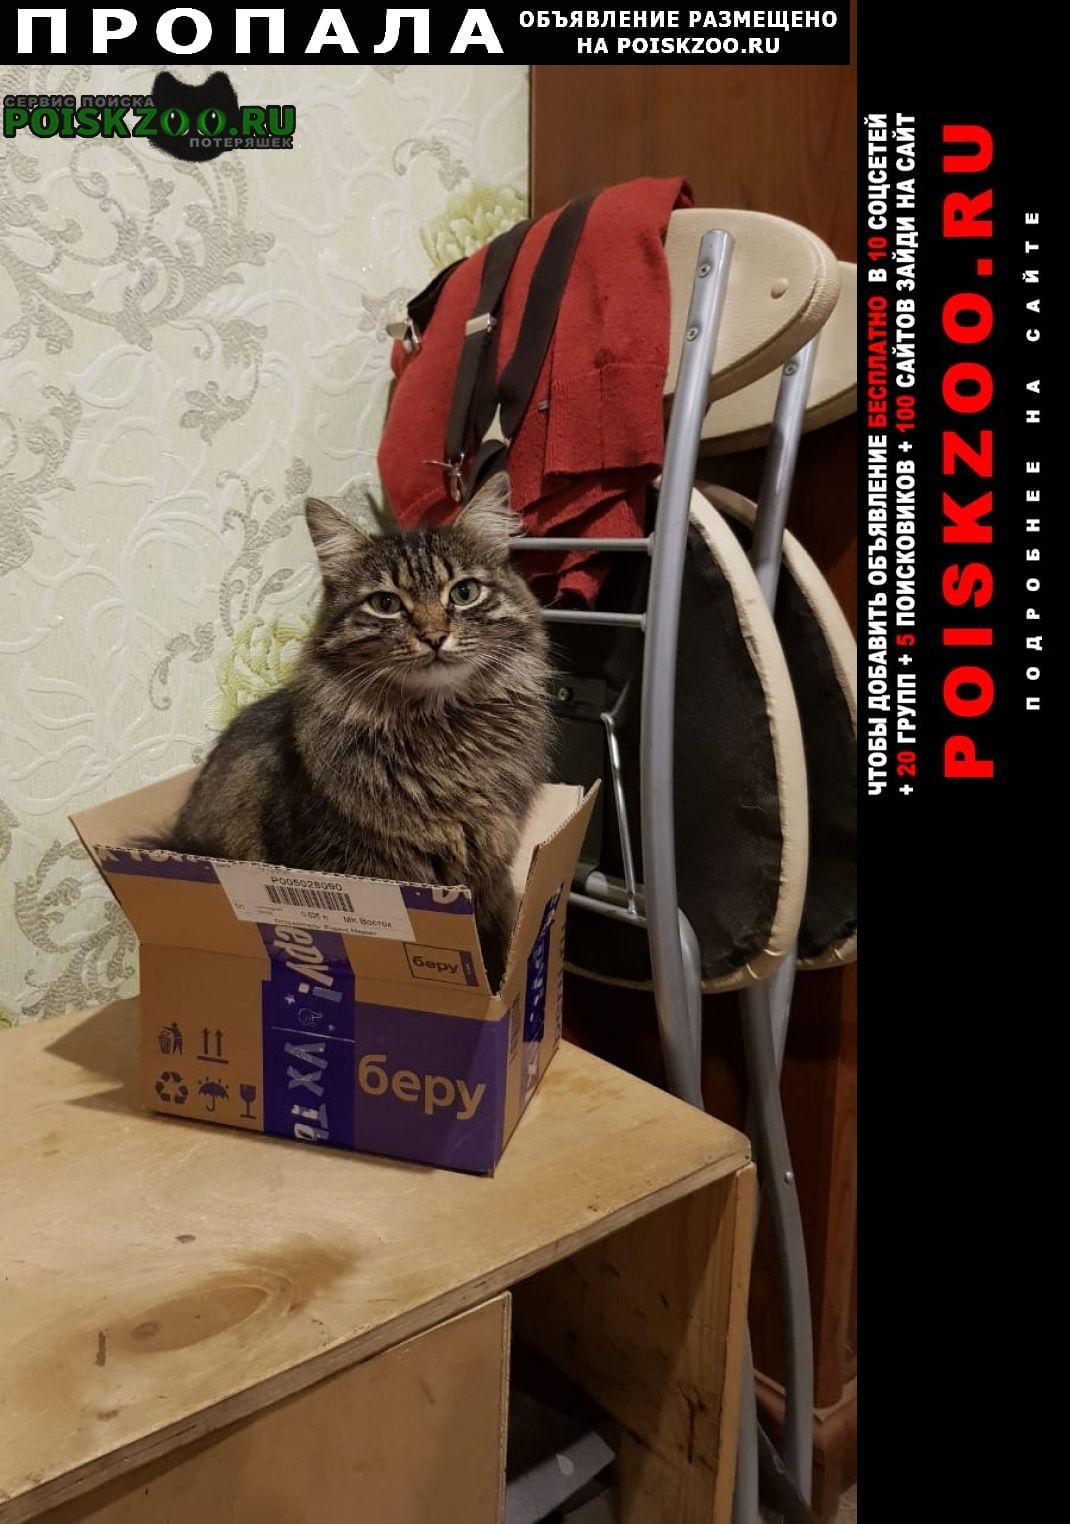 Пропала кошка Железнодорожный (Московск.)